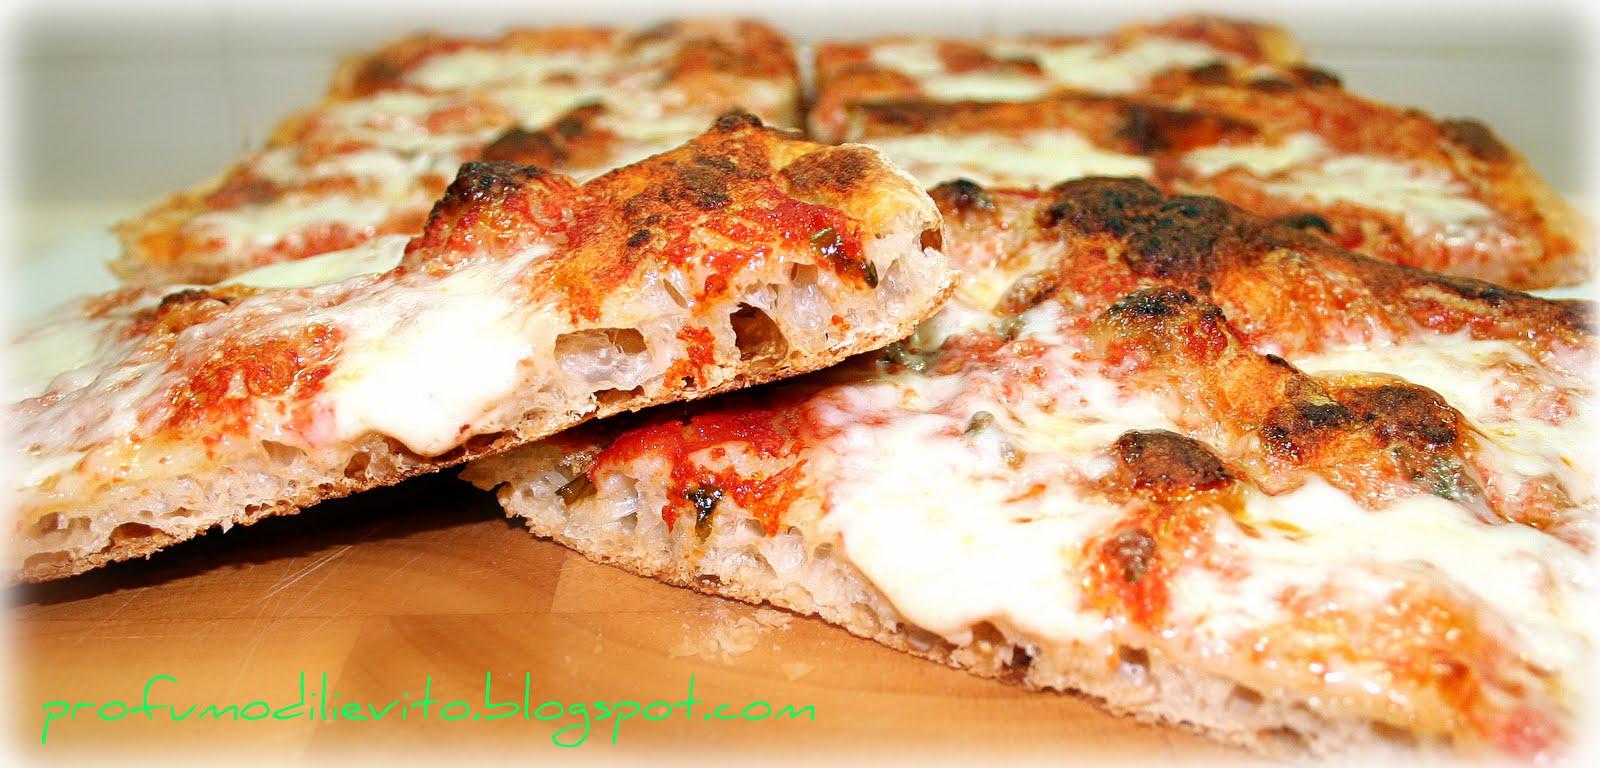 Ricetta Impasto Pizza Toscana.Profumo Di Lievito La Pizza In Teglia Croccante